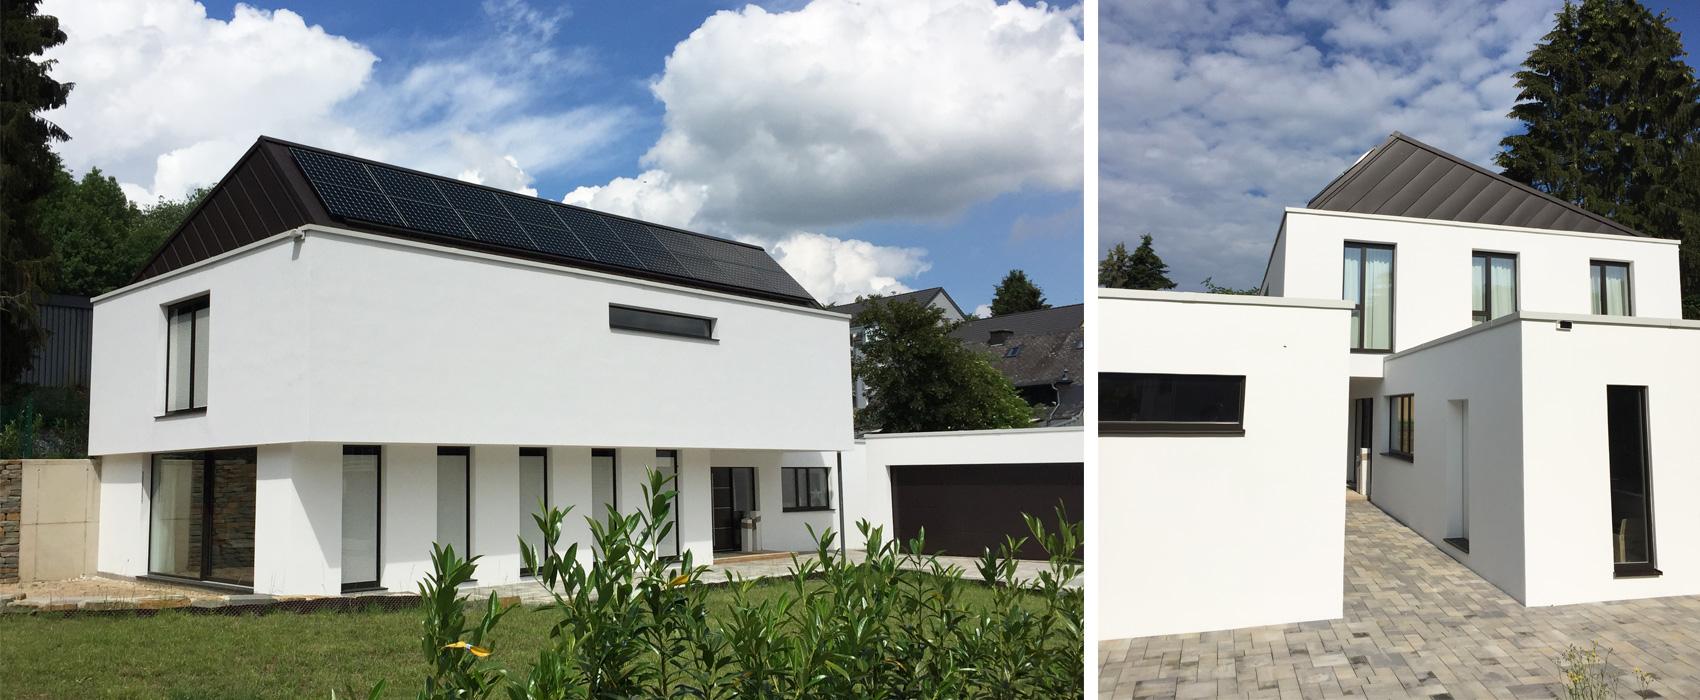 Architekten Landshut architekt landshut matthias mayer landshut